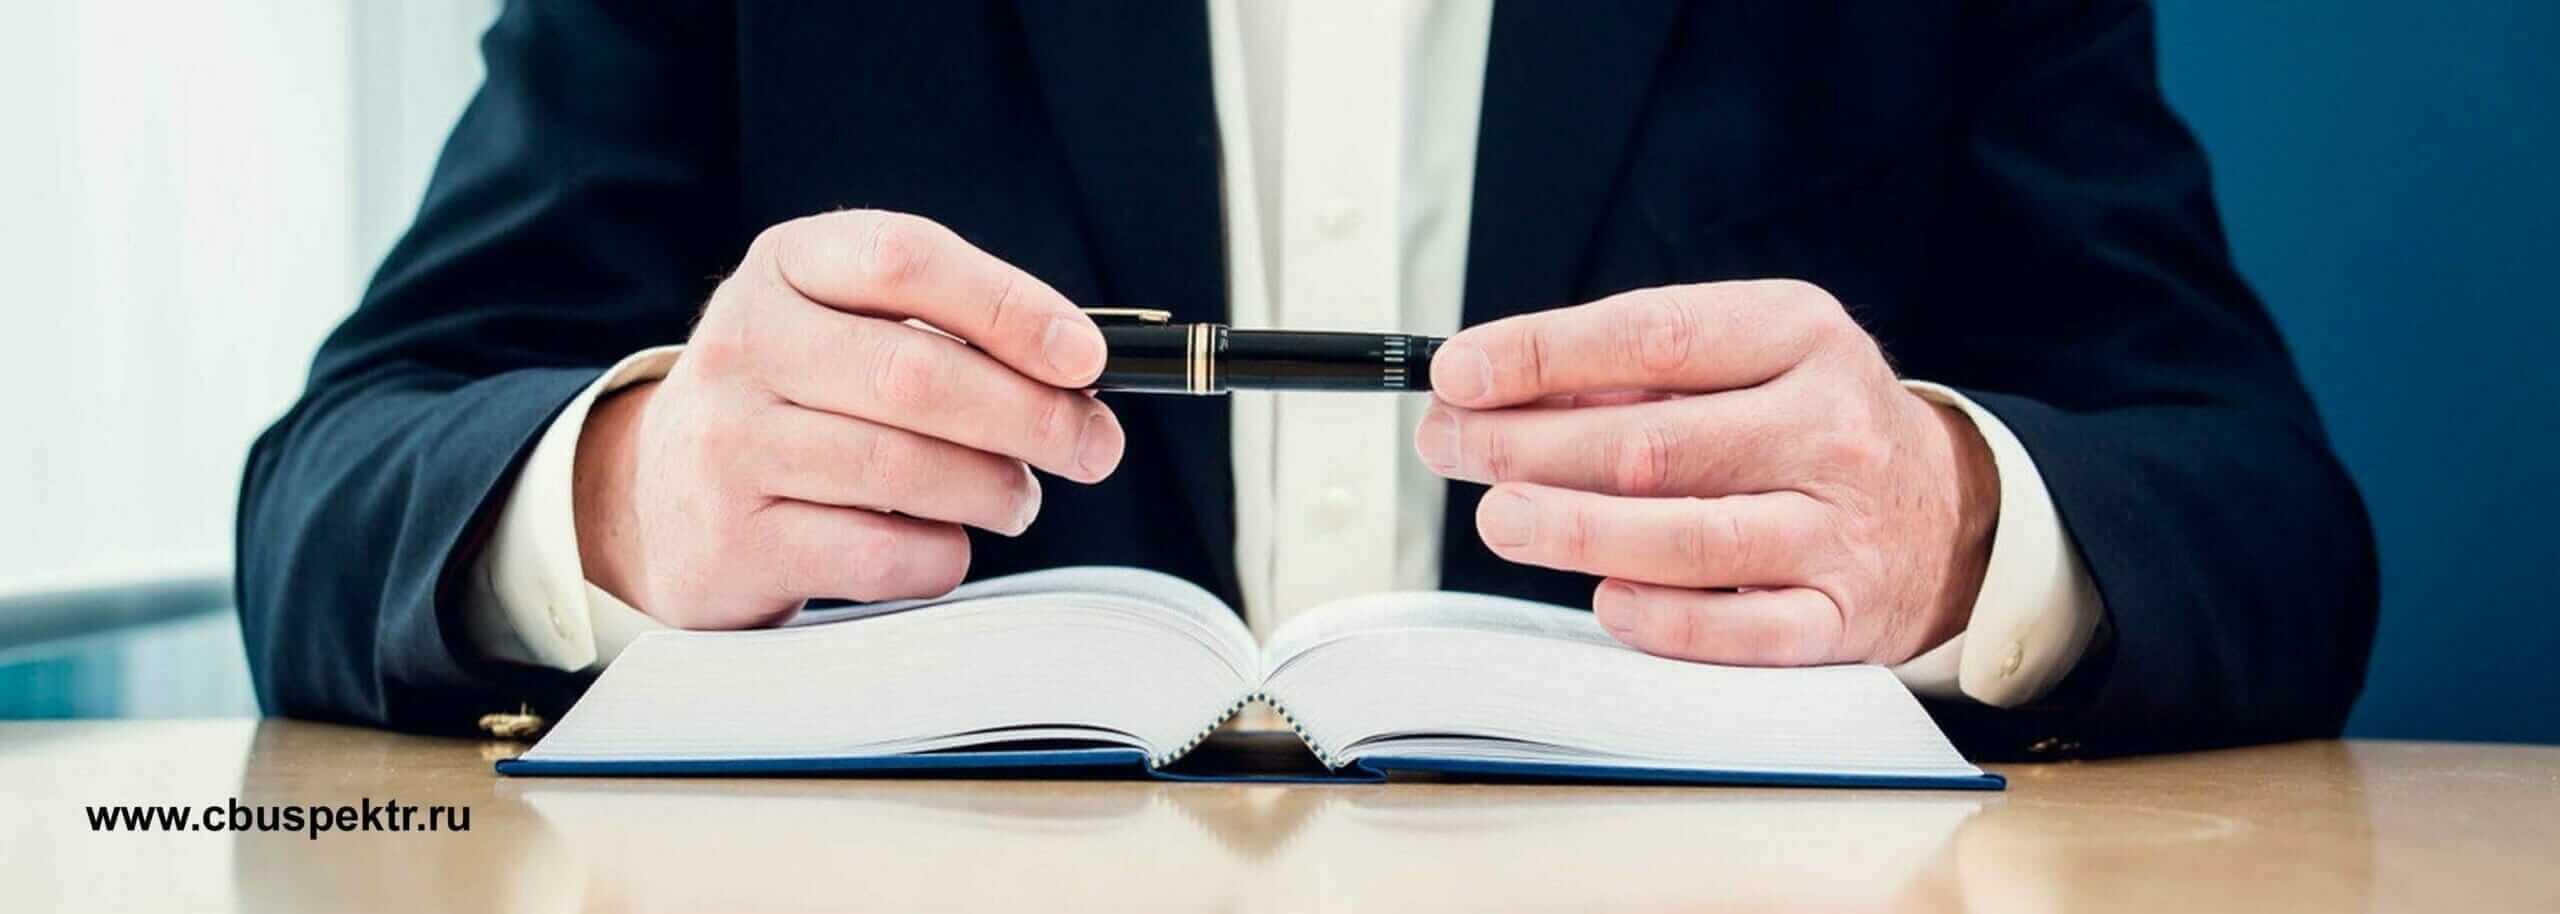 Мужчина за столом держит в руках ручку